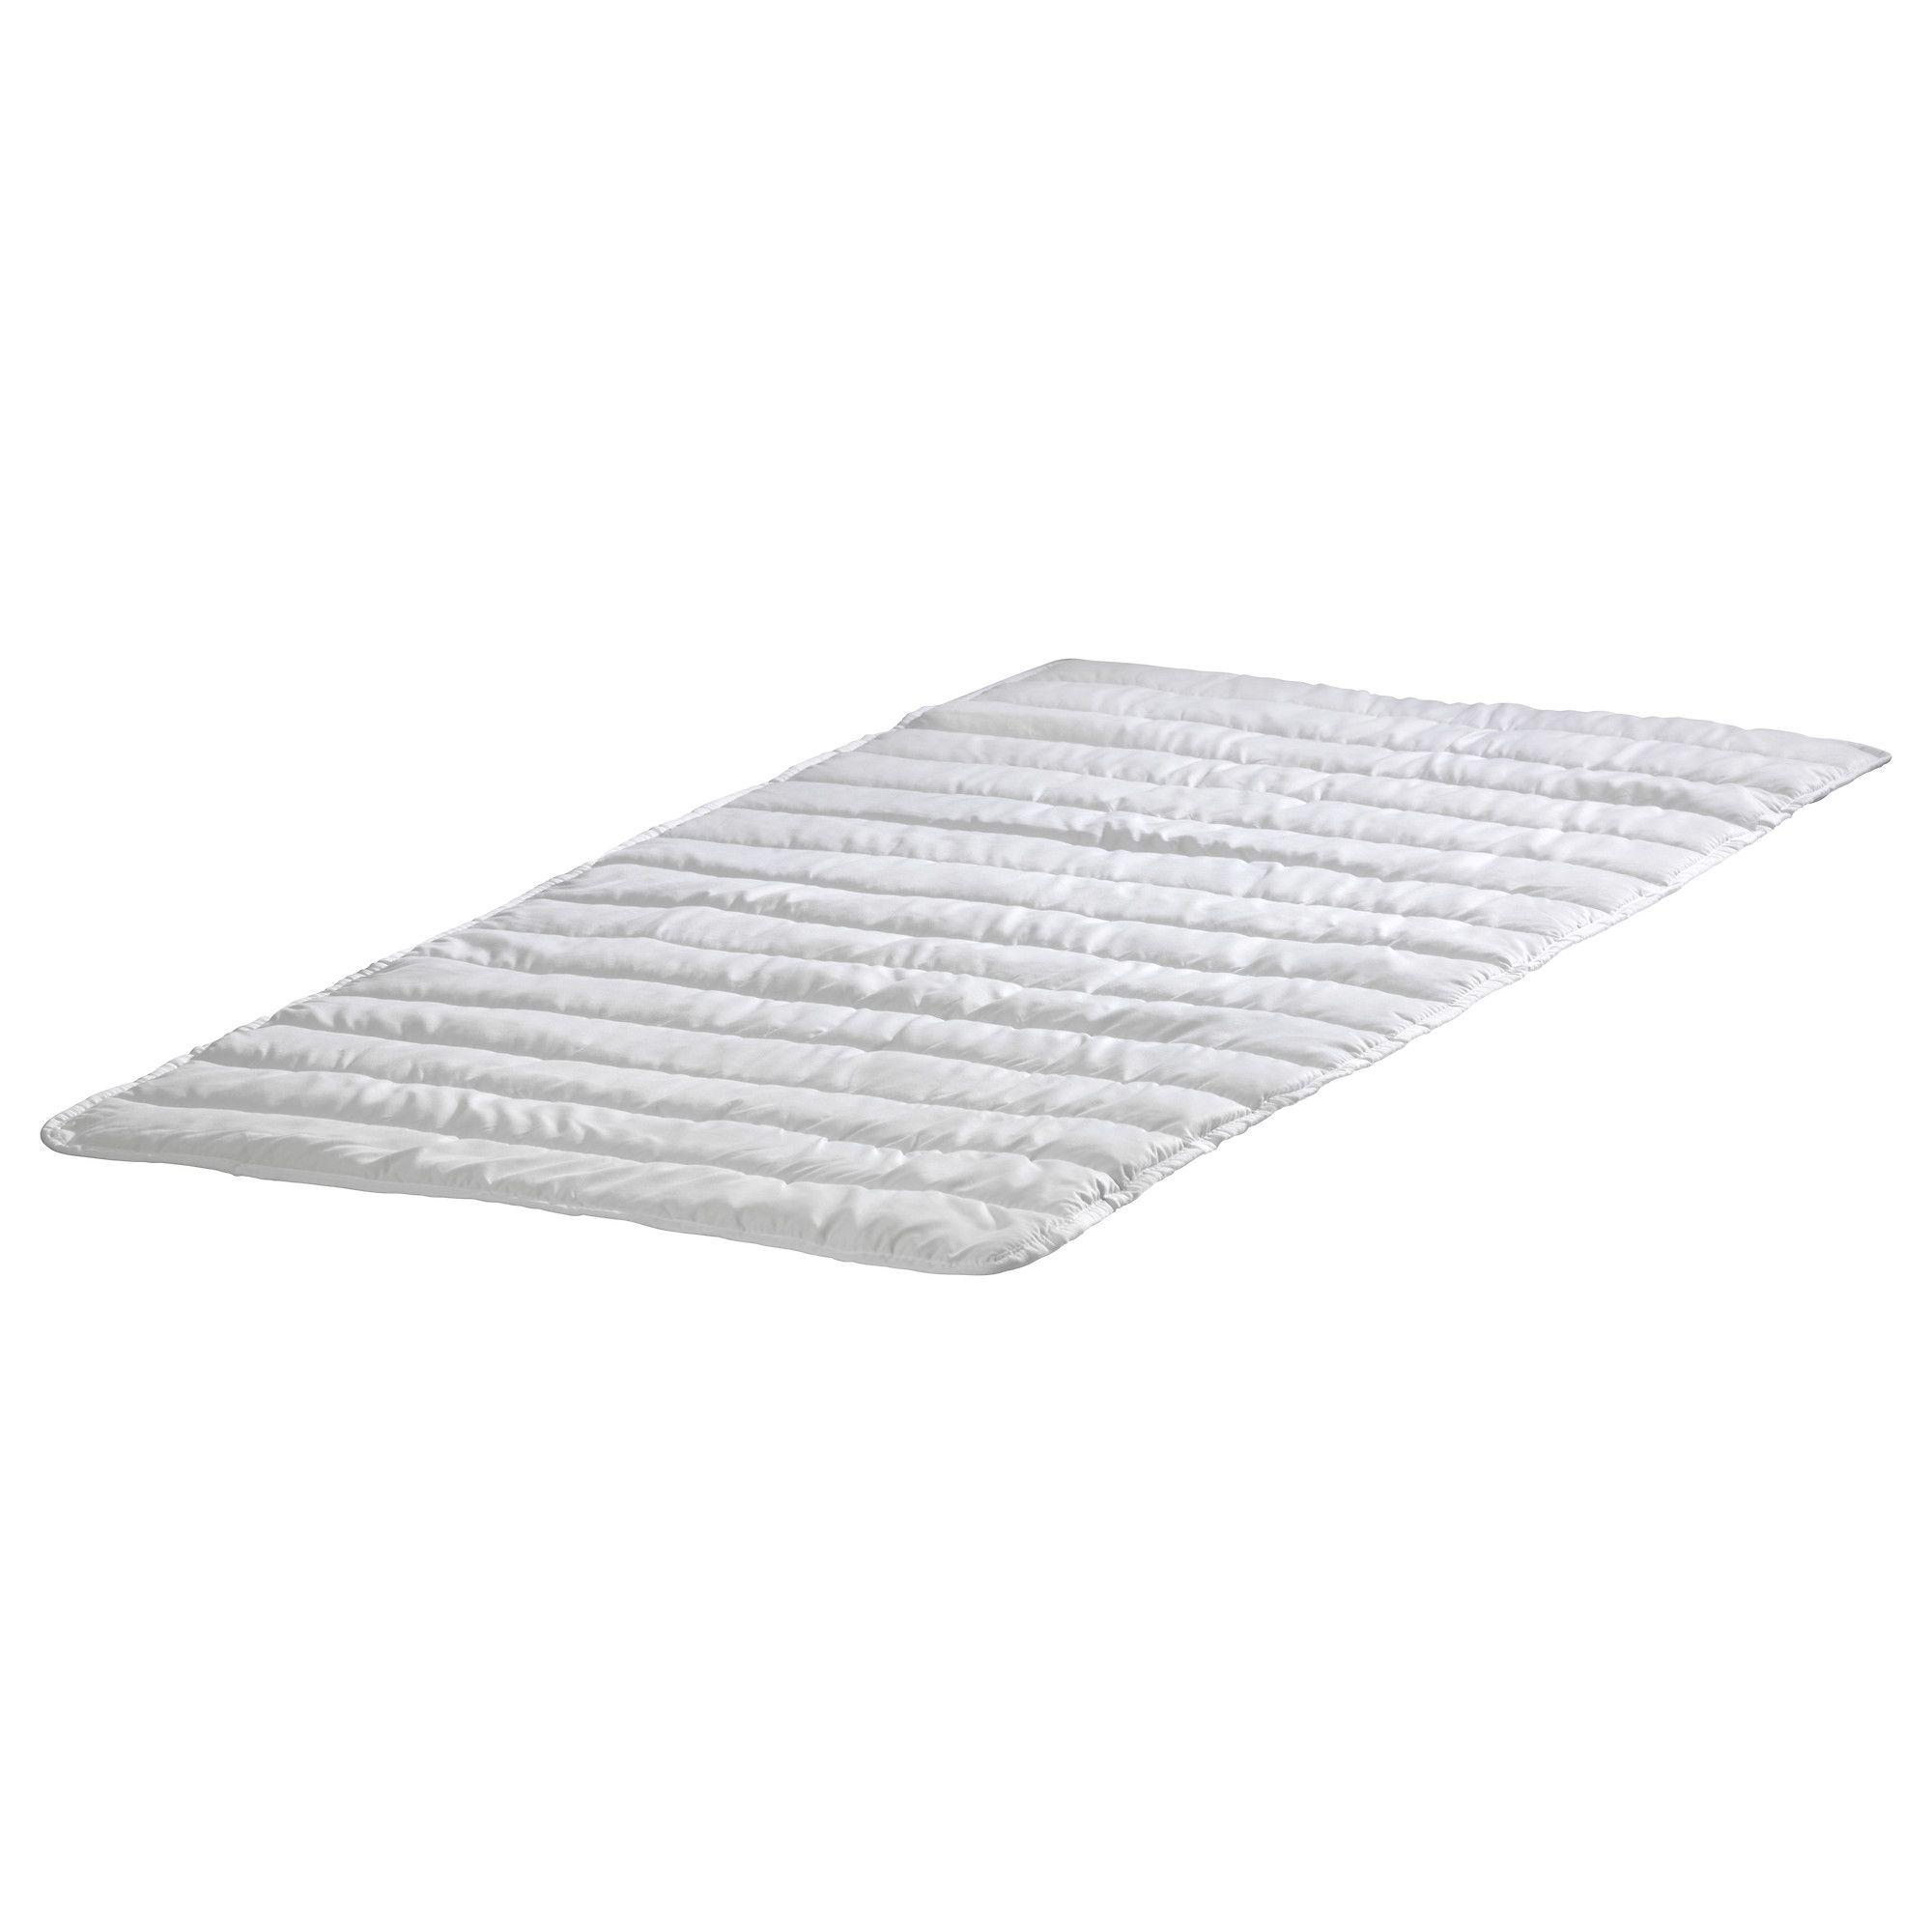 Nattlig proteggi materasso impermeabile bianco lista acquisti mattress protector mattress - Materasso memory ikea opinioni ...